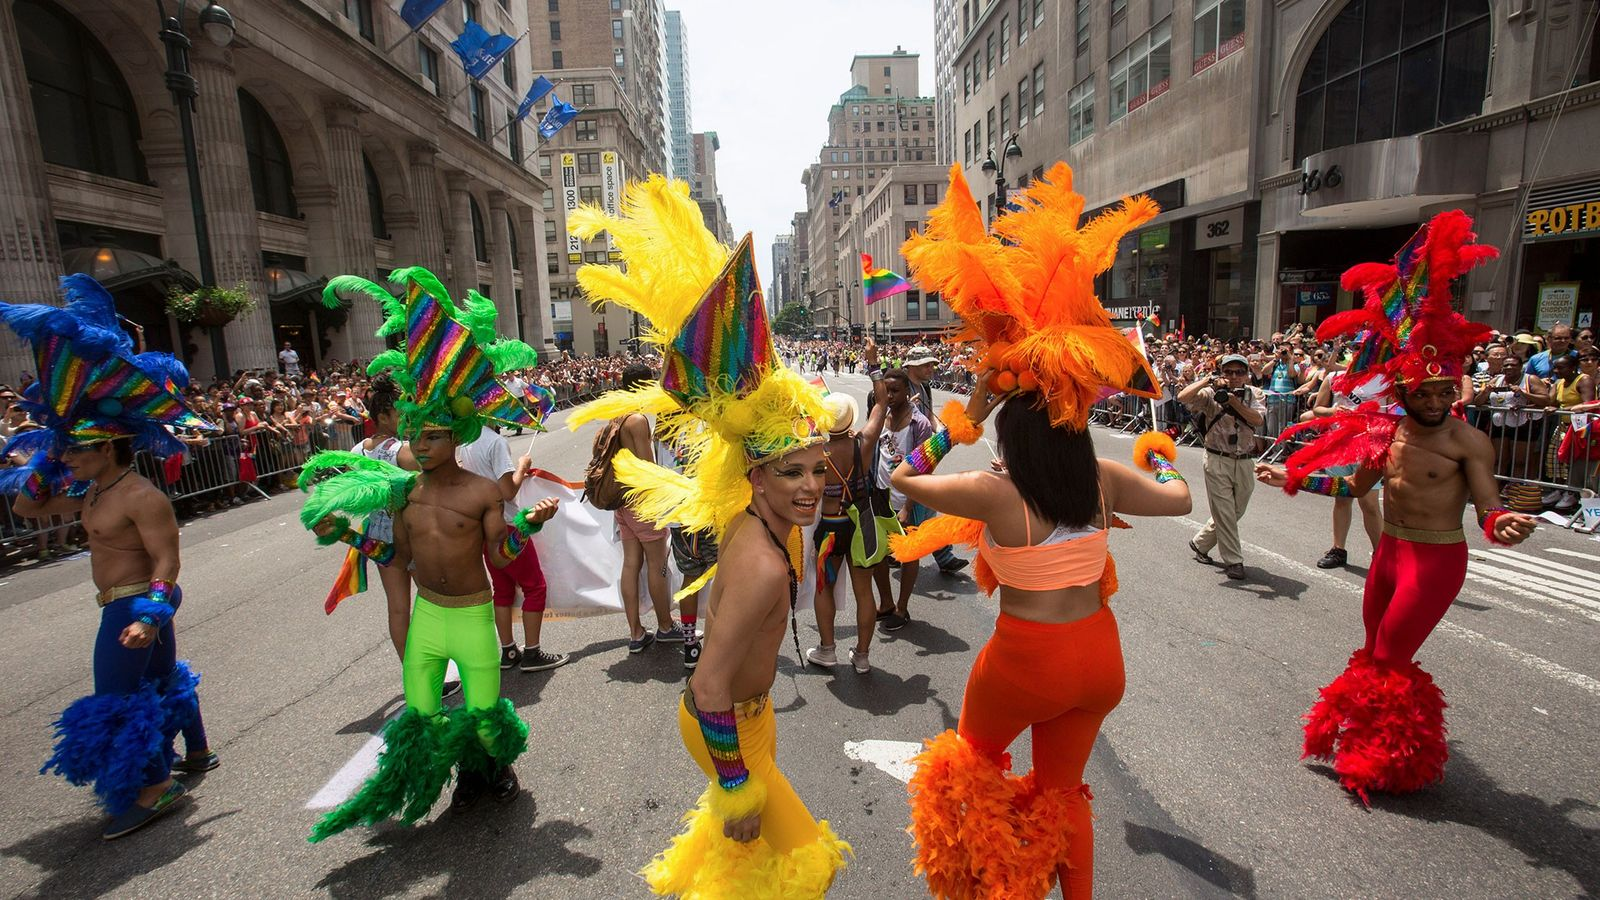 Bailarines desfilan vestidos con disfraces coloridos durante la manifestación del orgullo en Nueva York.